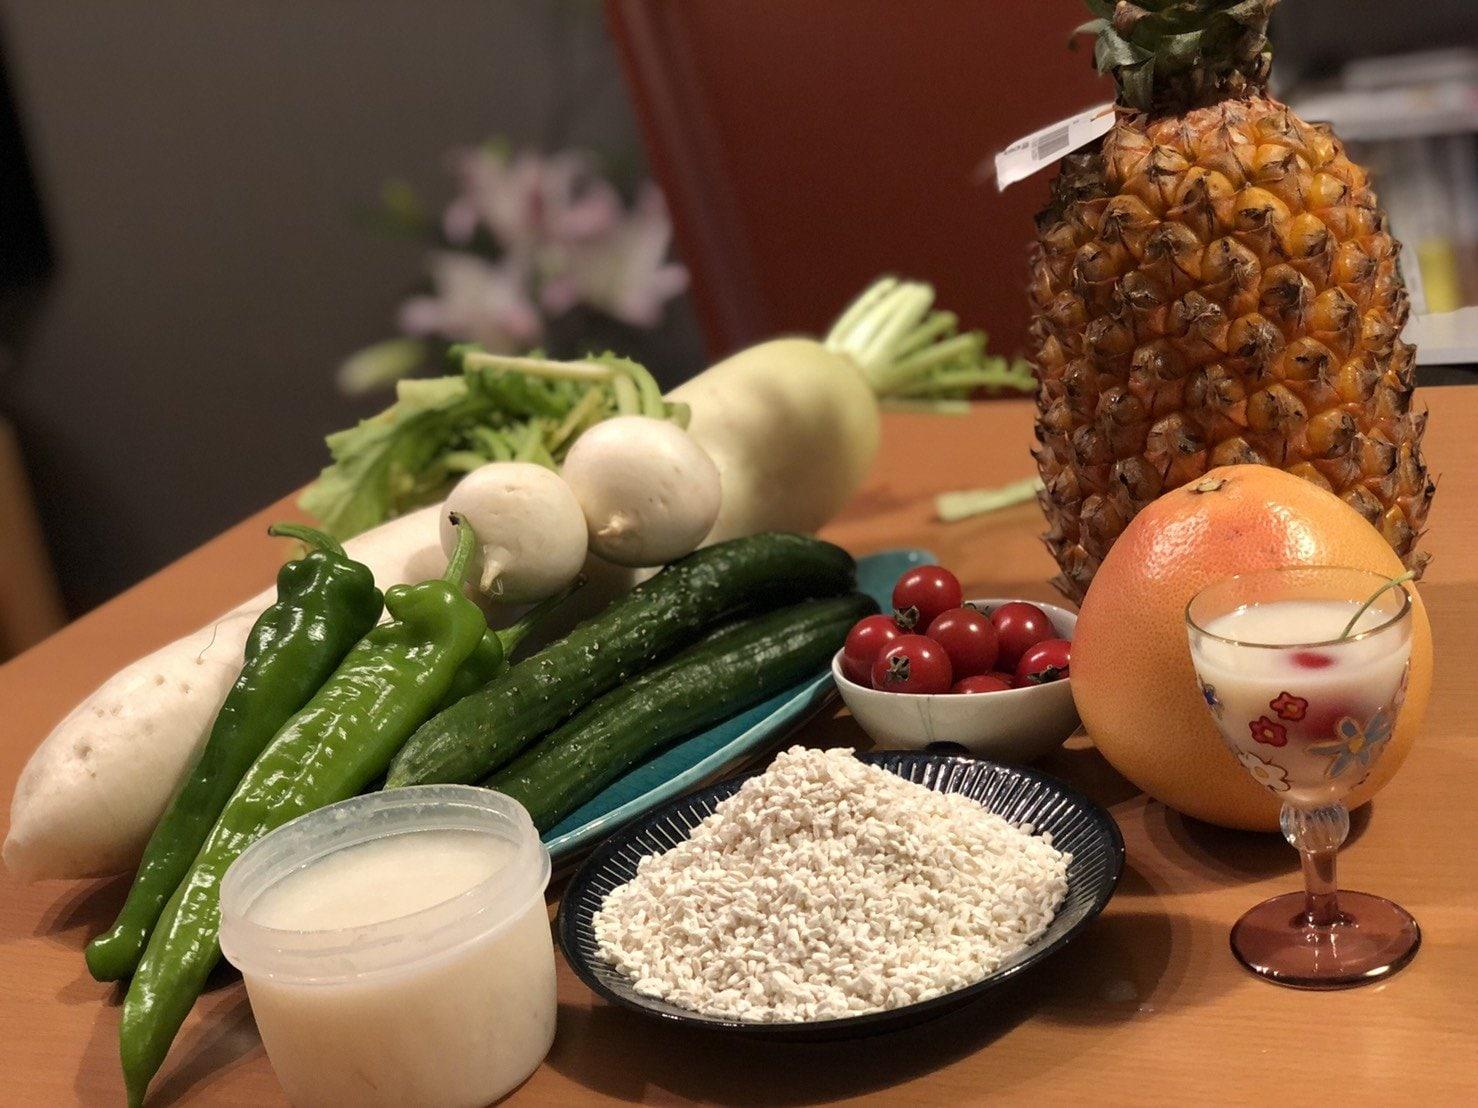 7月16日開催 甘酒・塩麹教室 仕込んだ塩麴、甘酒の野菜漬け、オリジナル麹付き! これで夏バテ知らずに腸活だ!のイメージその1